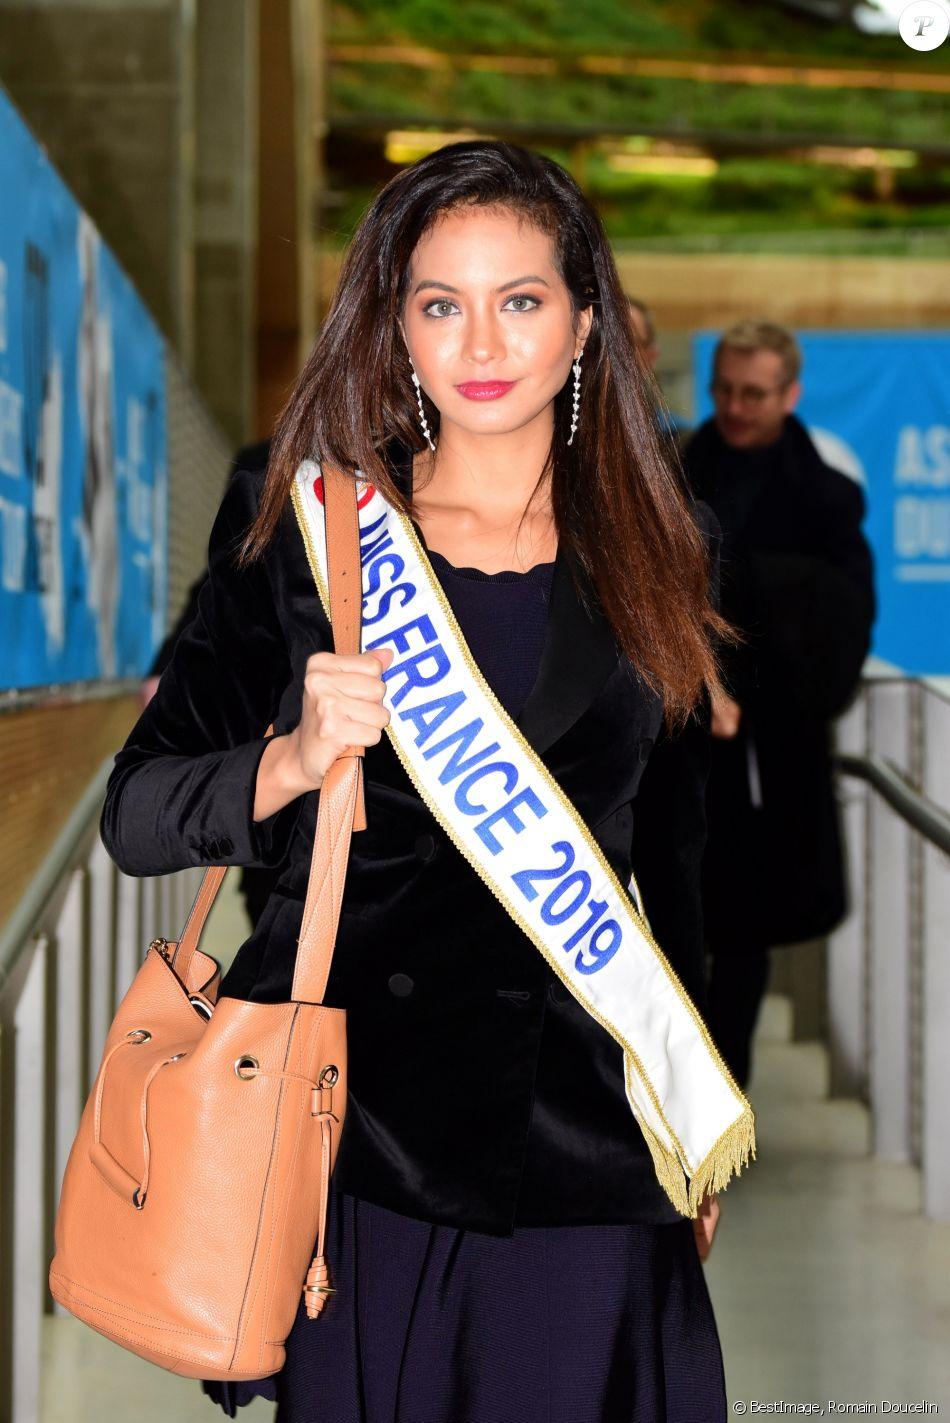 Vaimalama Chaves, miss France 2019 lors des assises du harcèlement scolaire à Lyon le 15 mars 2019. © Romain Doucelin / Bestimage